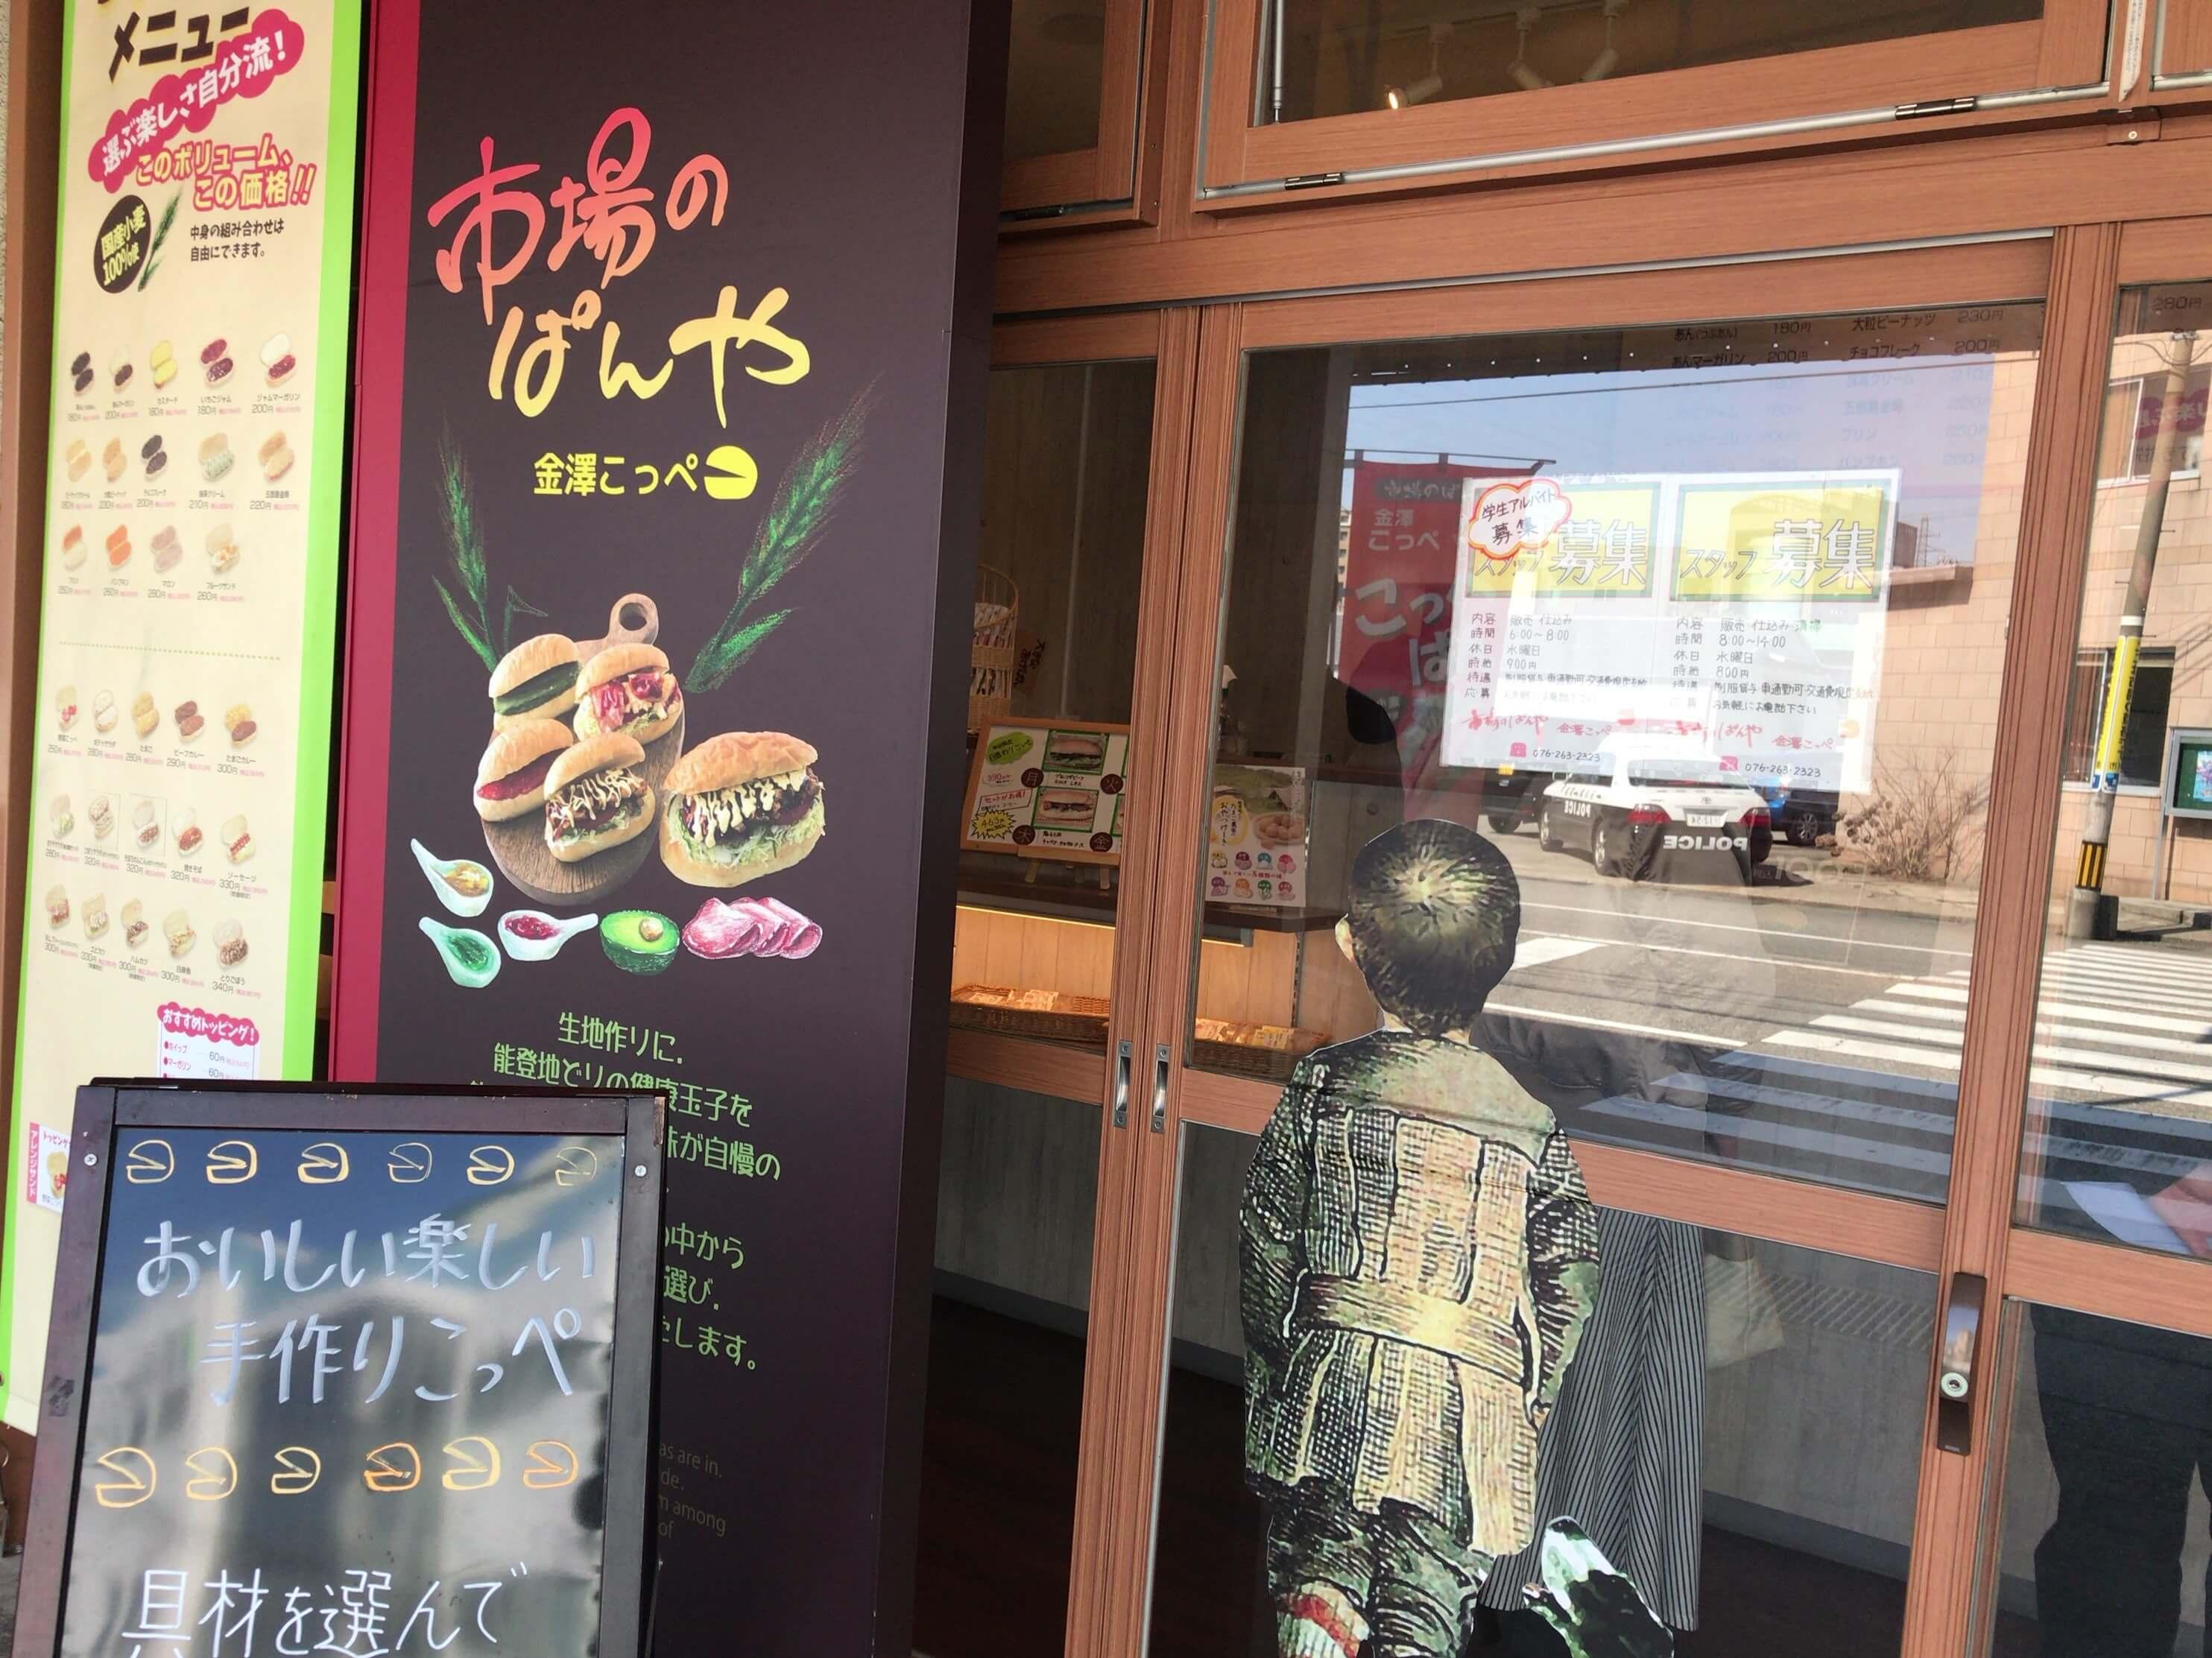 ふわふわボリューミーな専門店のコッペパン@金沢こっぺ